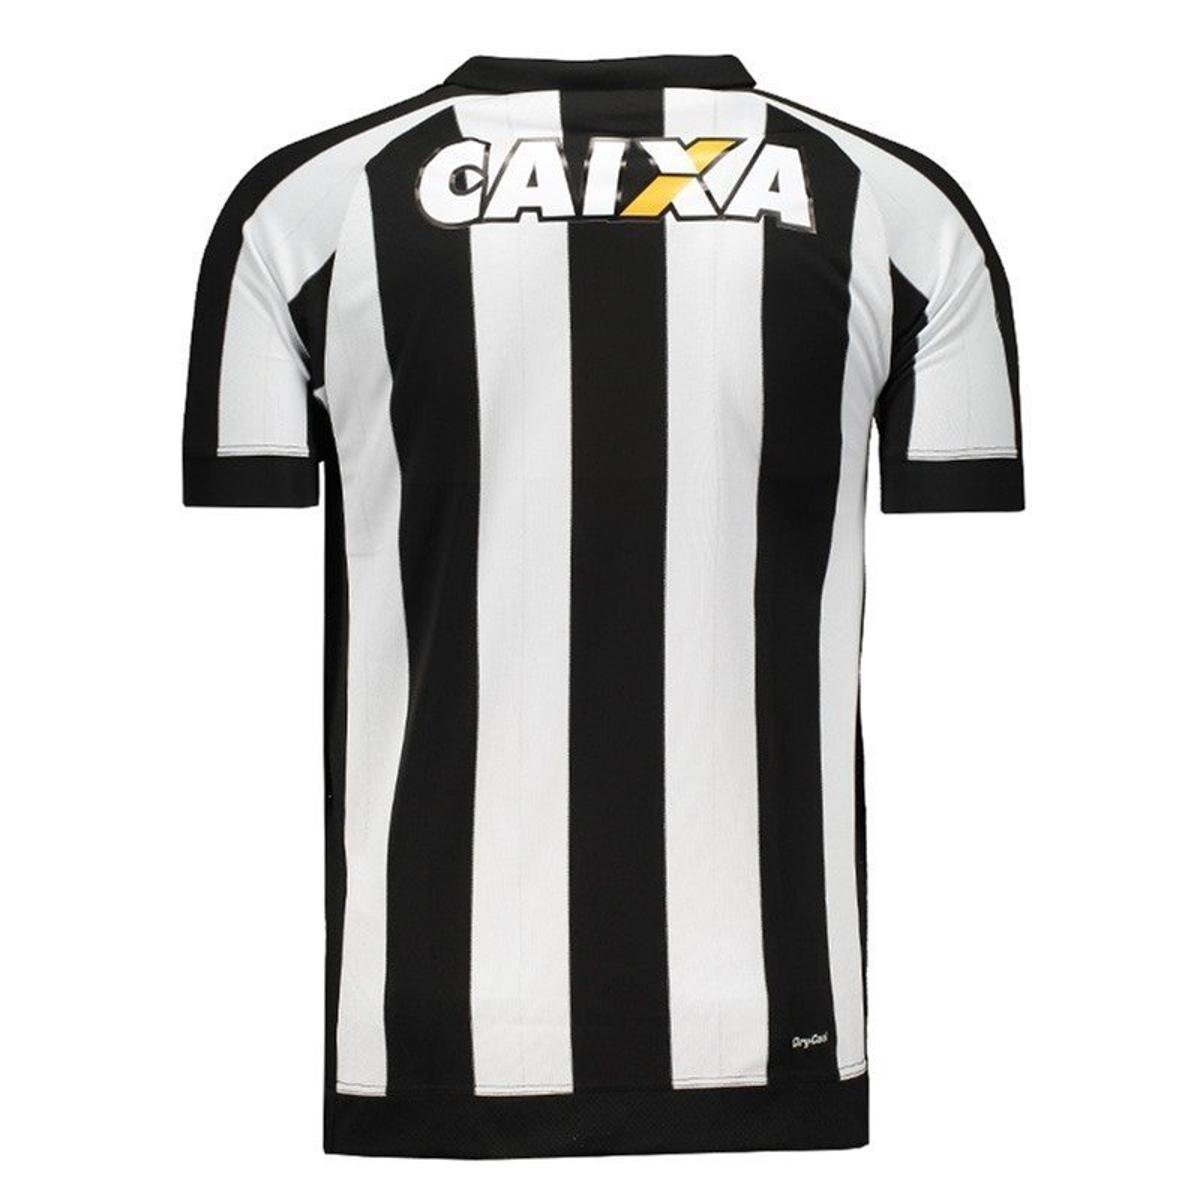 Camisa Topper Botafogo I 2017 Patrocínio - Compre Agora  9e8f468568d22